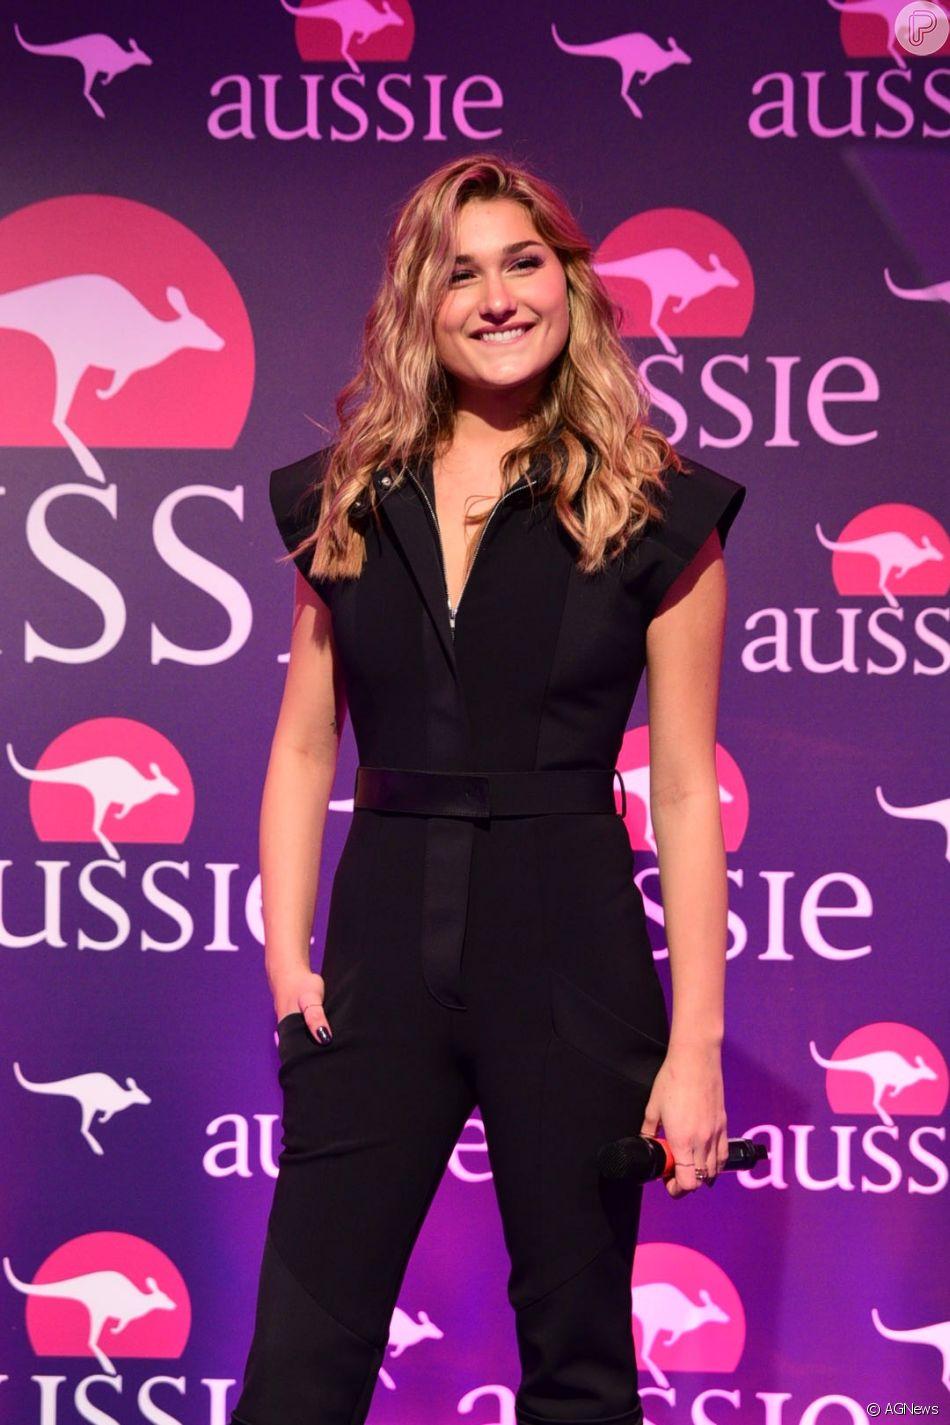 Sasha Meneghel minimiza distância em namoro com Bruno Monteleone, ao participar de evento da Aussie nesta sexta-feira, dia 16 de março de 2018